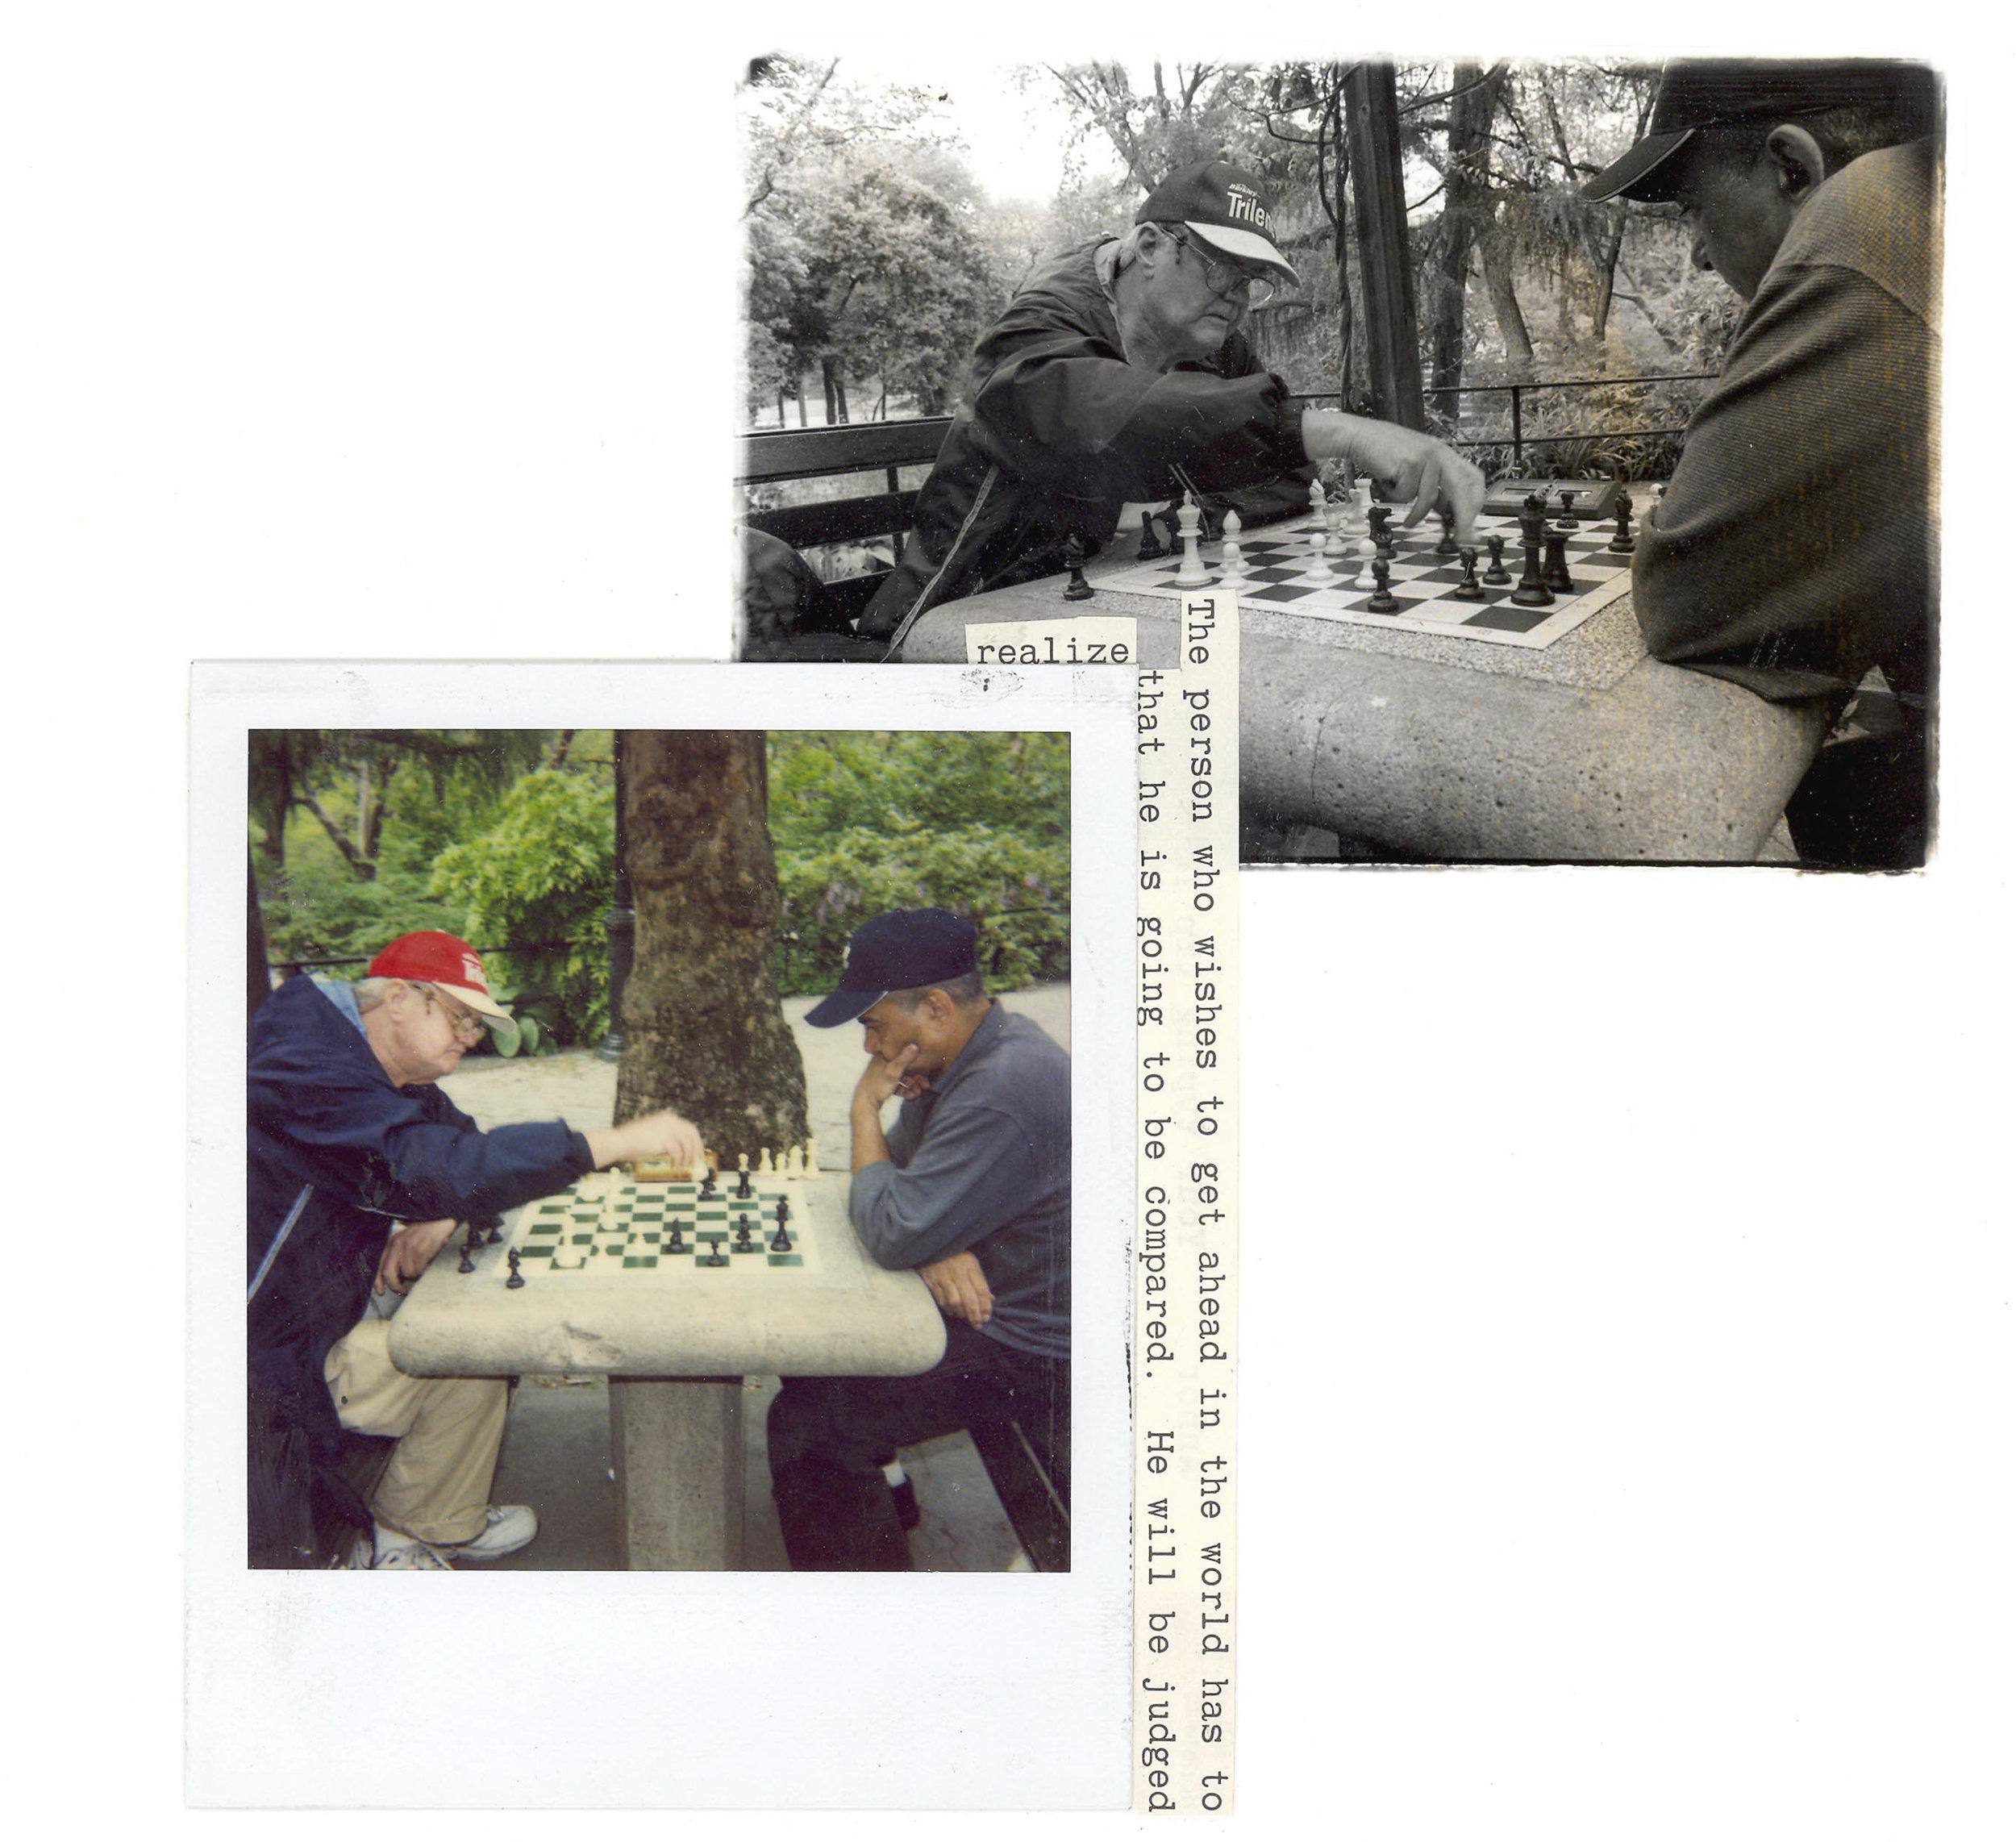 shane_deruise_alleyways_chess.jpg